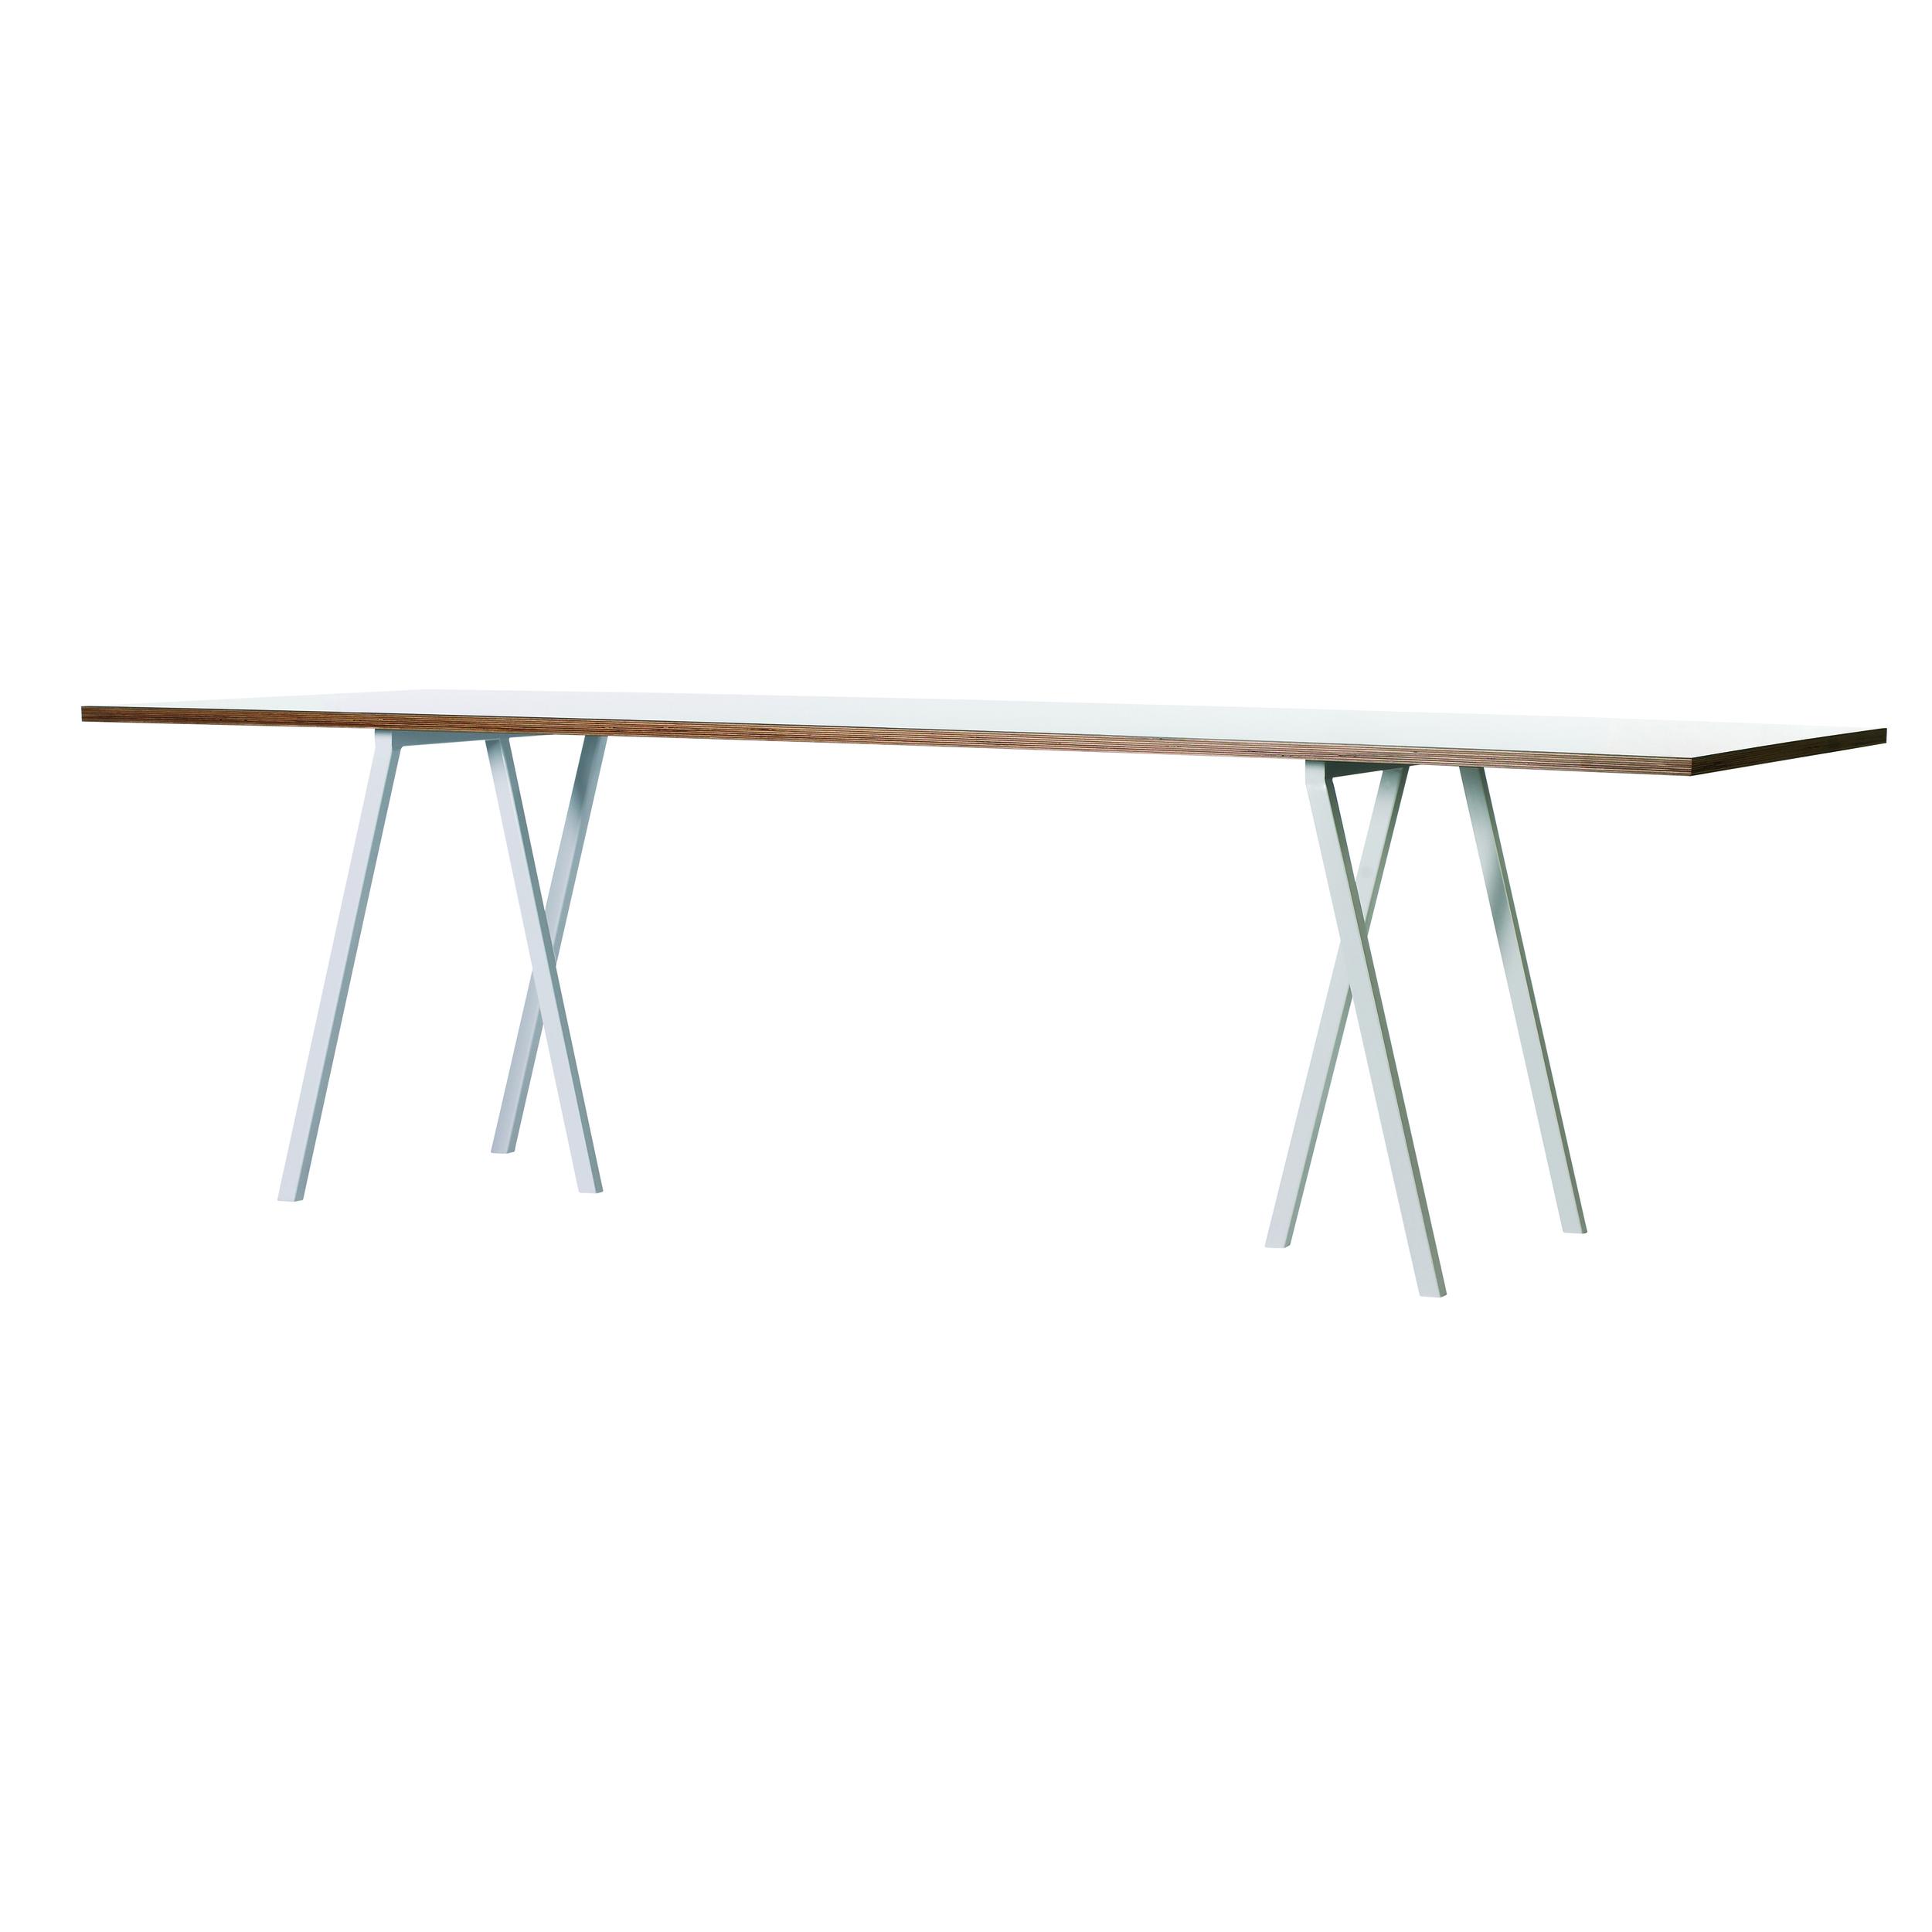 Loop Stand table   HAY/Leif Joergensen   Bordsskiva i vit eller svart laminat, stativ i pulverlackad aluminium.   L: 160, D: 77,5, H 74 cm.     Lagerstatus: I lager.